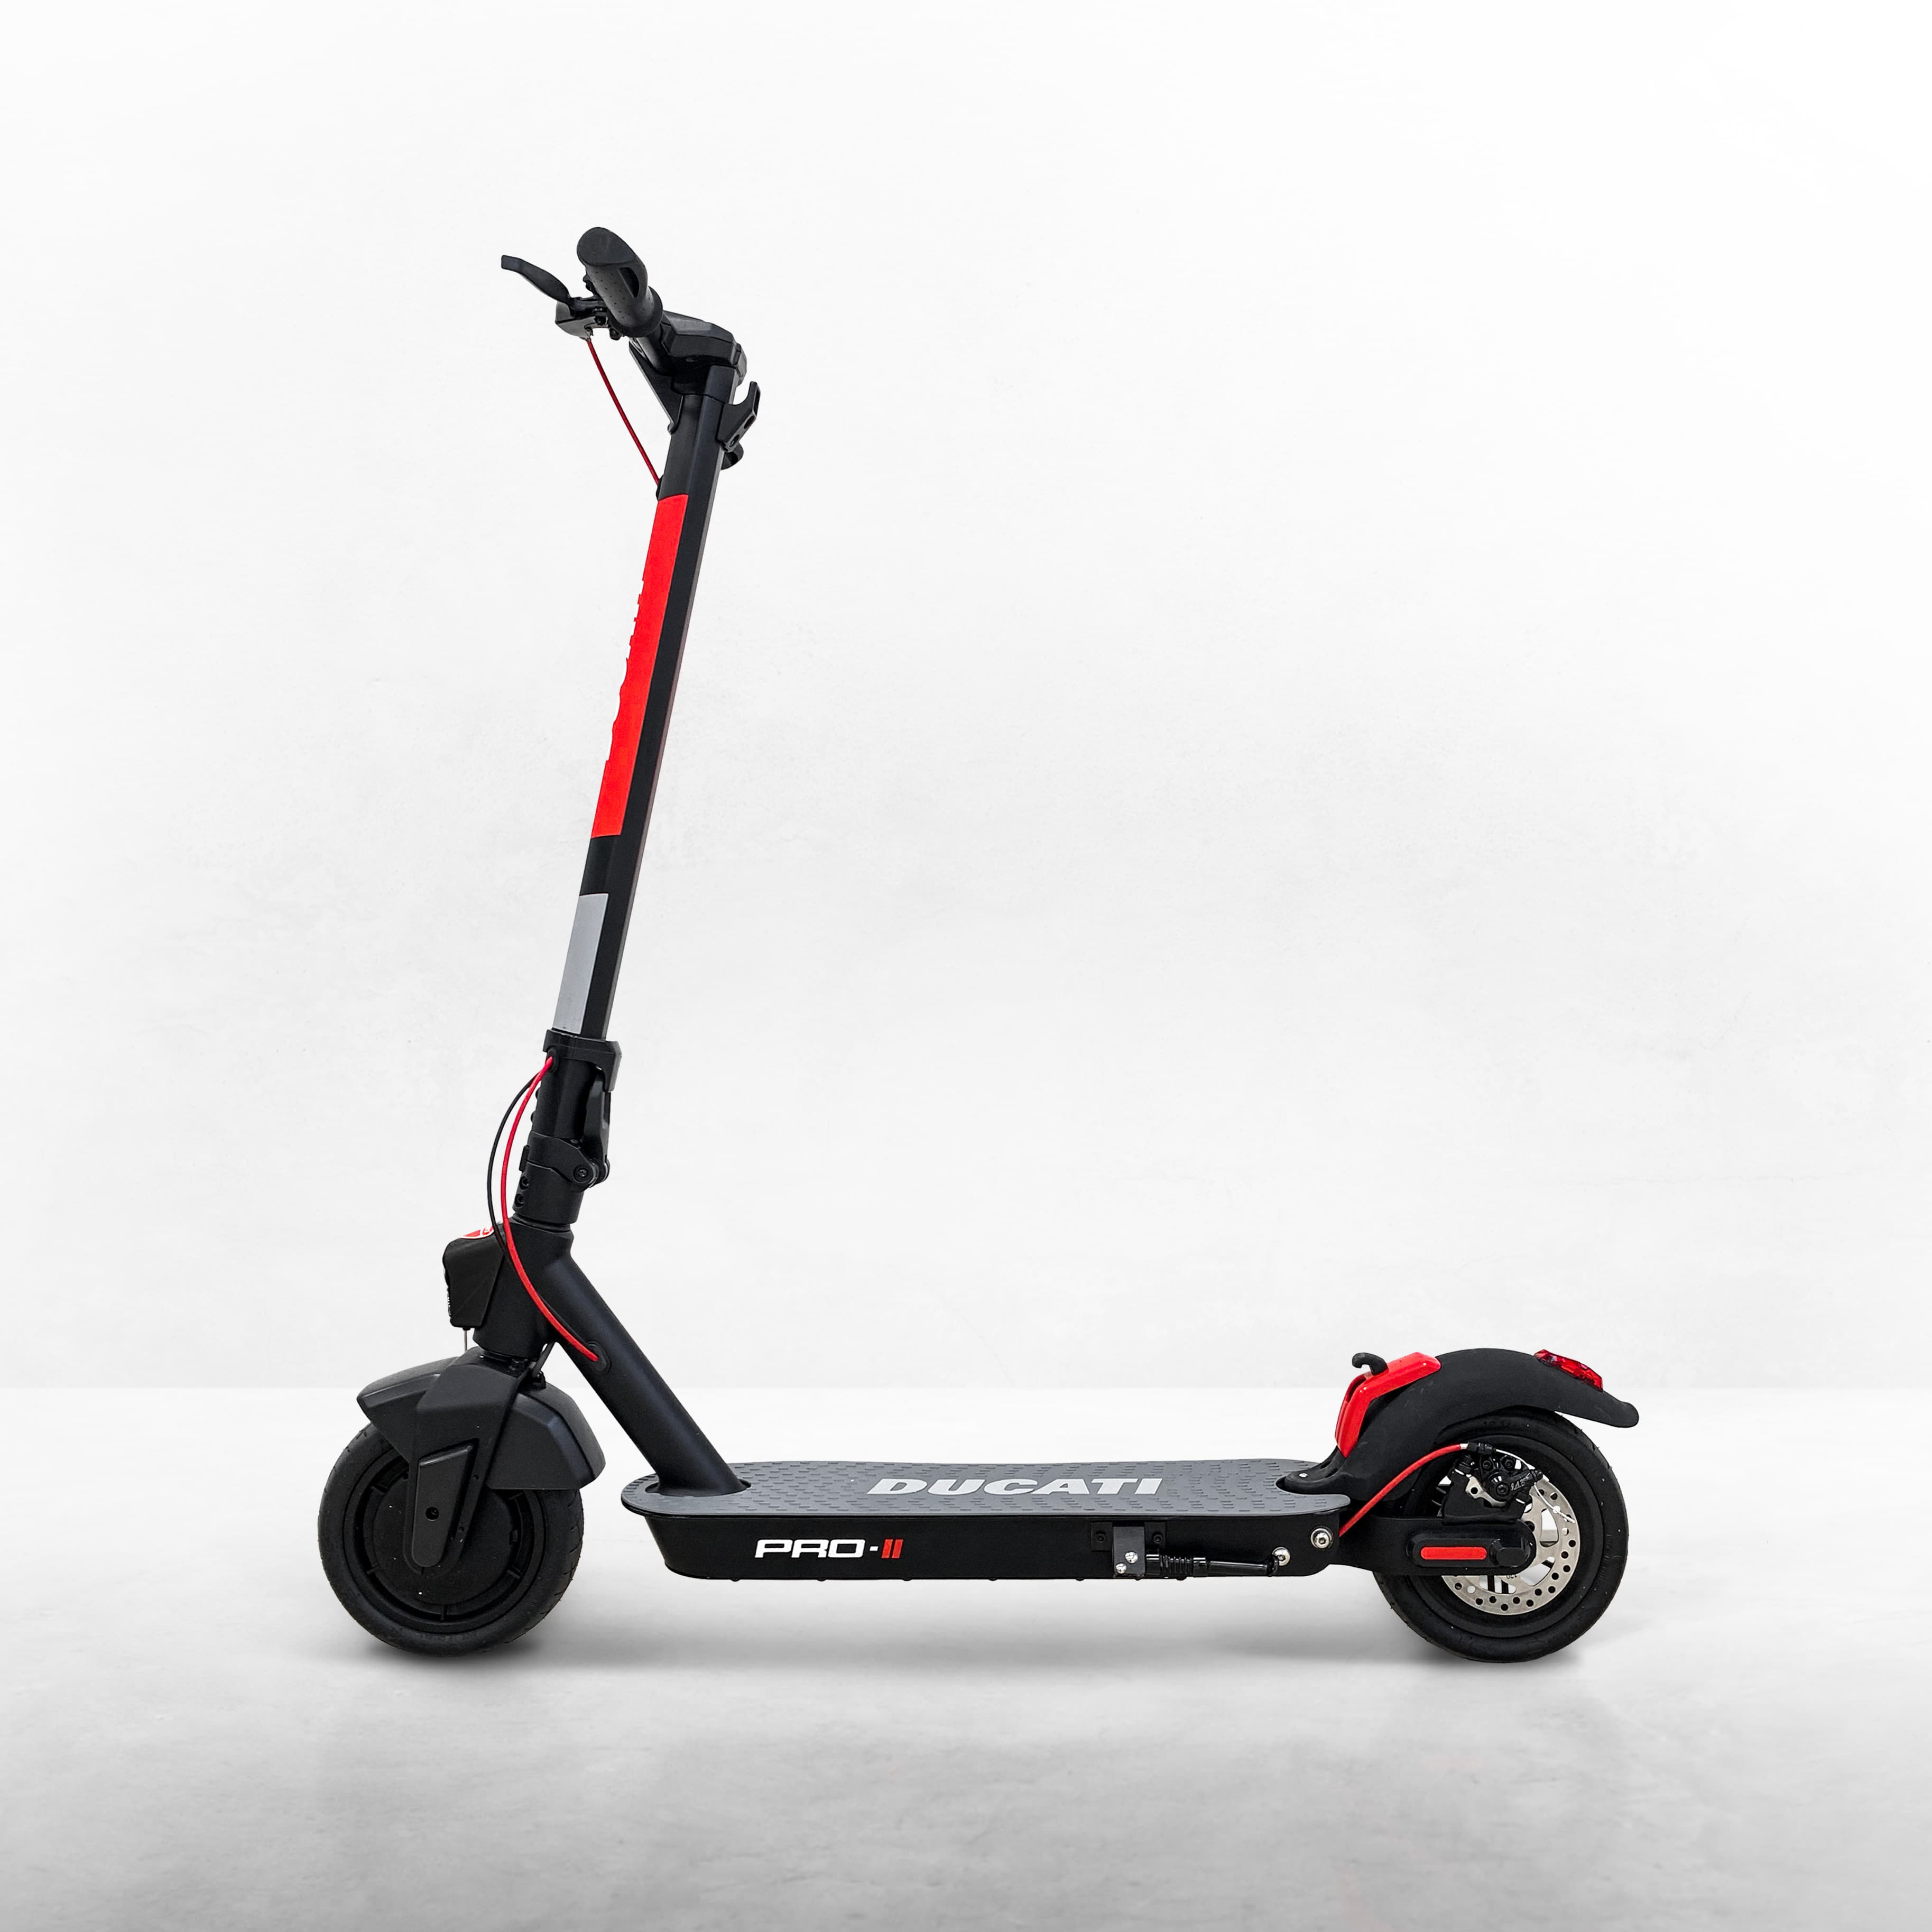 Monopattini elettrici Ducati: la nuova linea di micromobilità